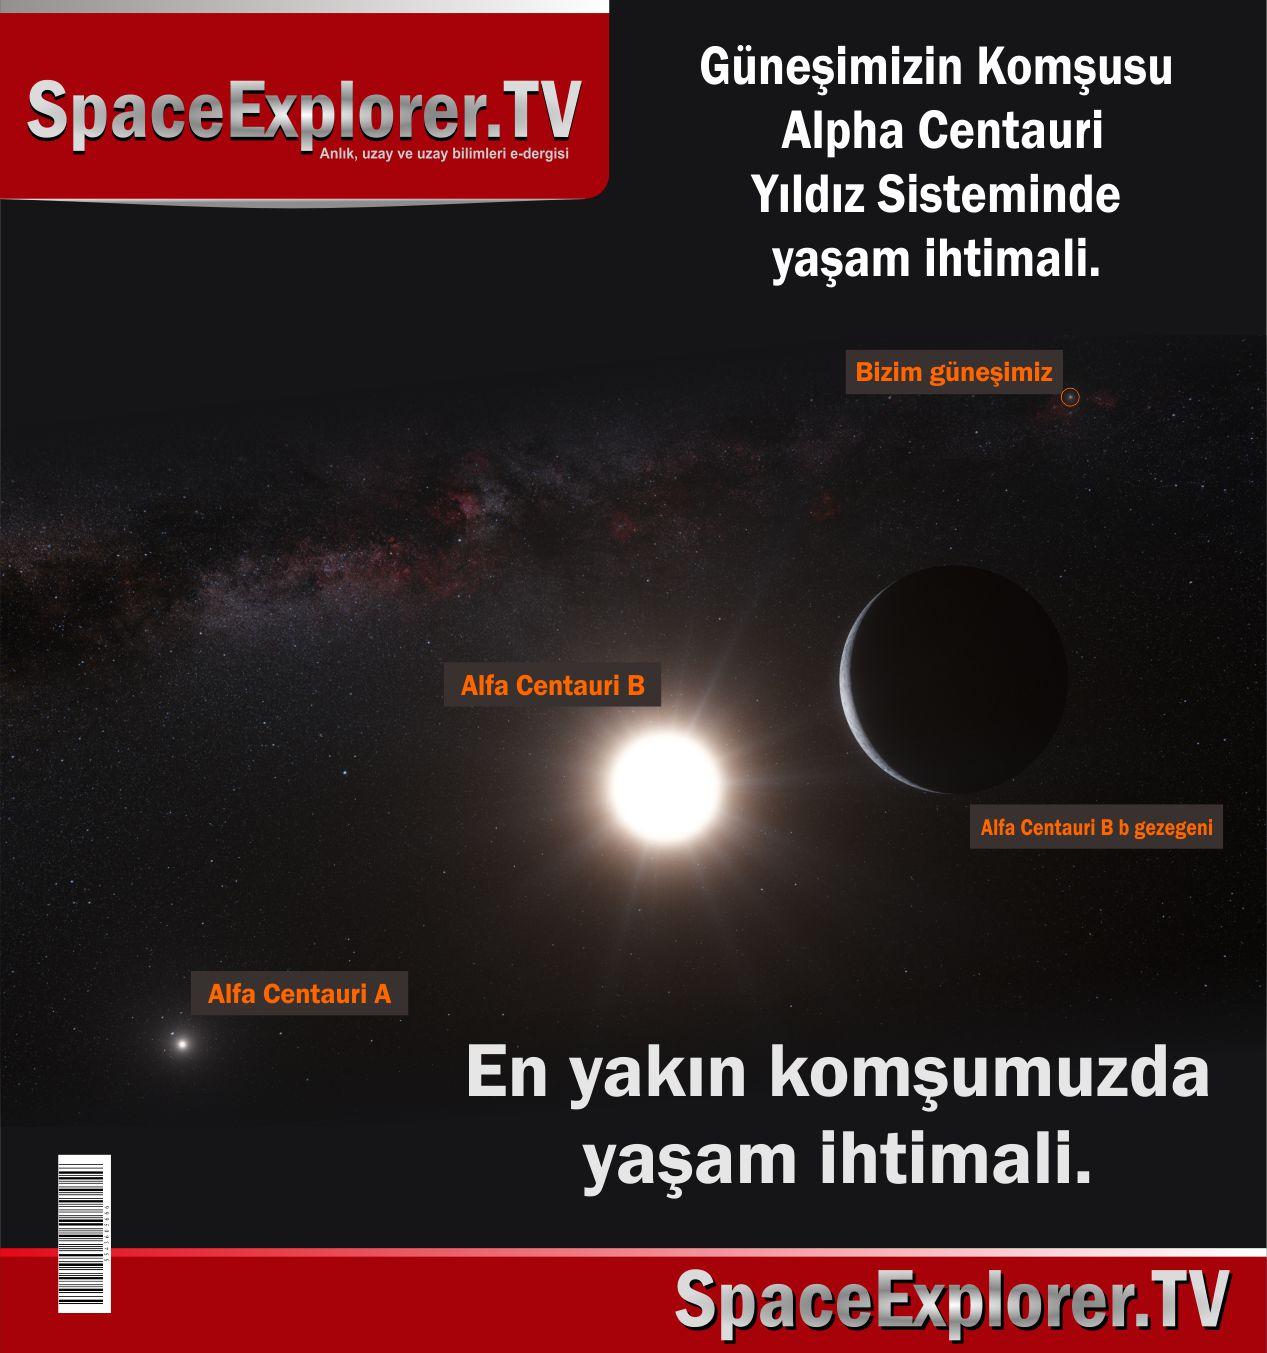 Uzayda hayat var mı?, Yaşama elverişli gezegenler, Gök adalar, Alpha Centauri A, Alpha Centauri B, Güneş sistemi, Dünya dışı yaşam, Güneş sistemimizin dışı,